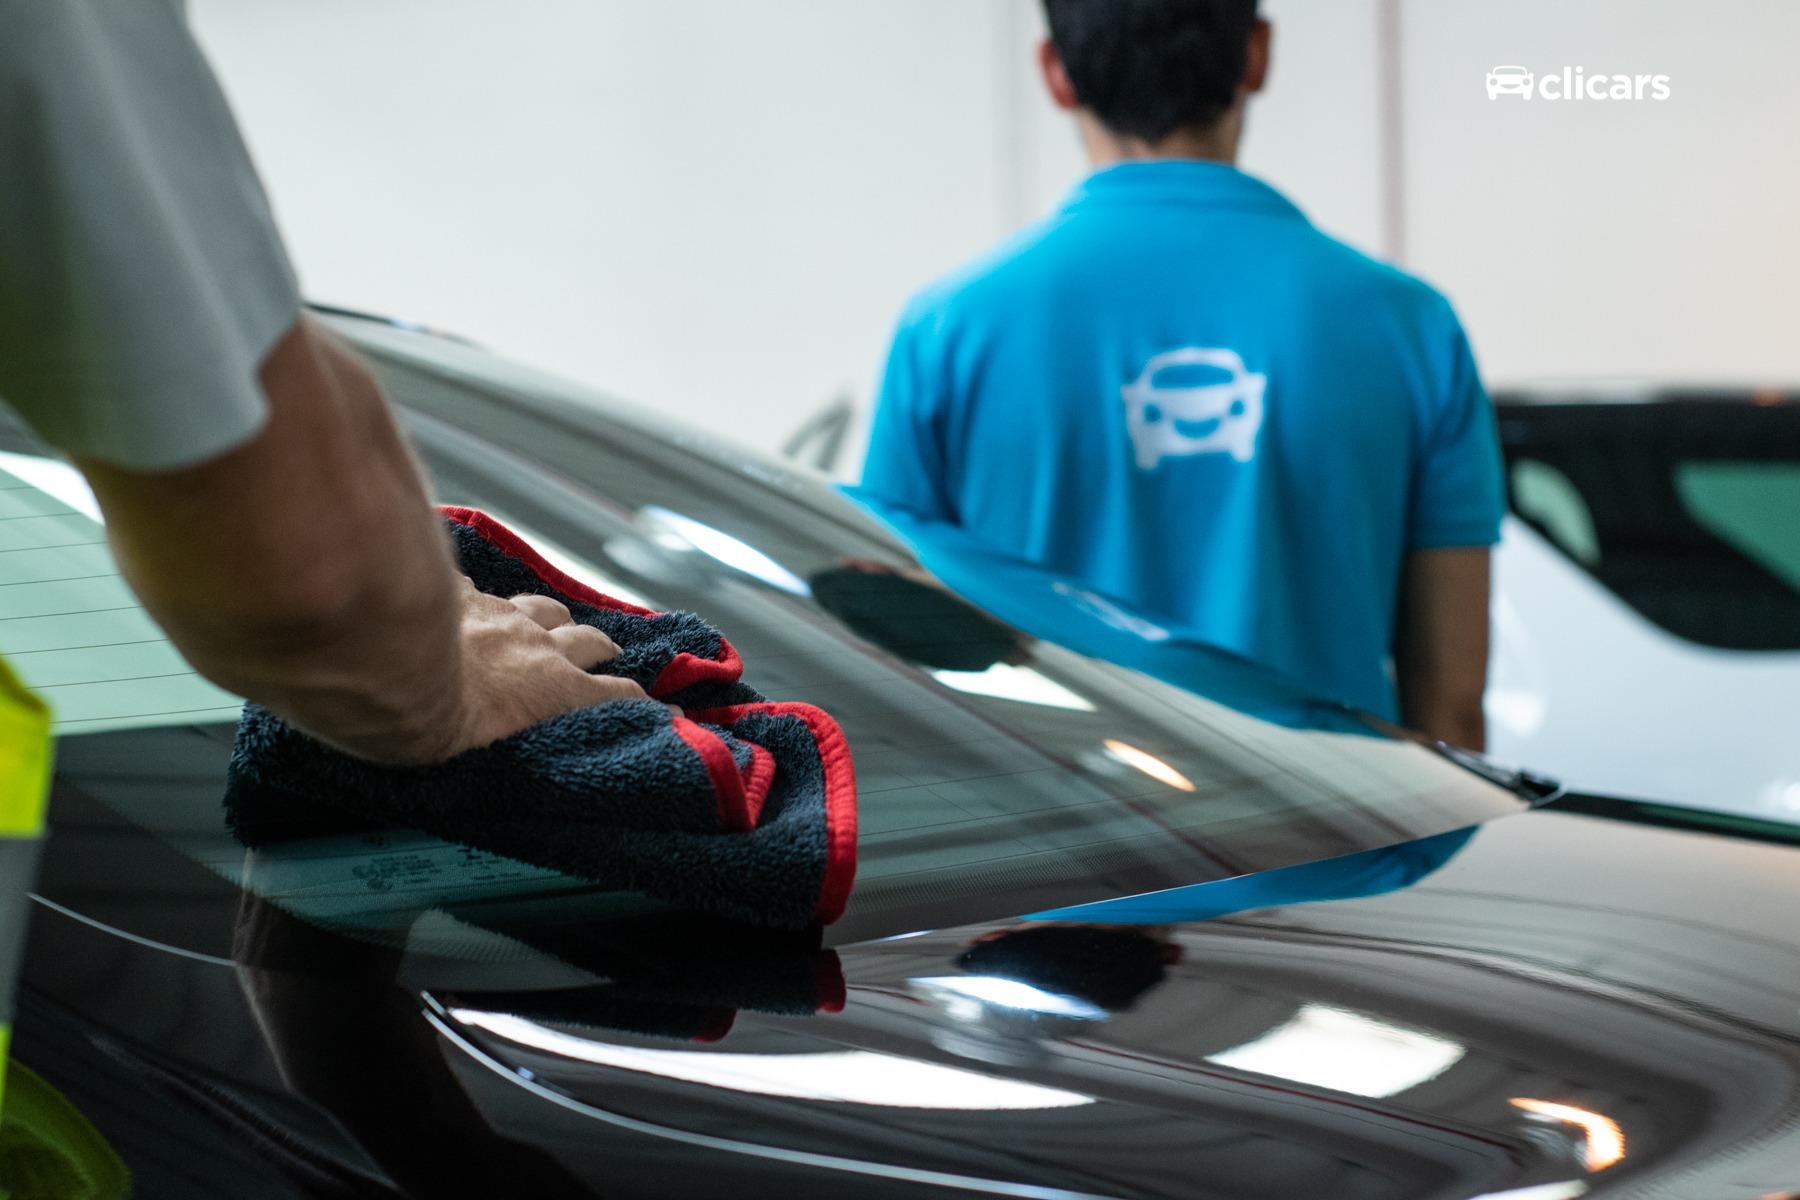 Malos hábitos que pueden estropear tu coche